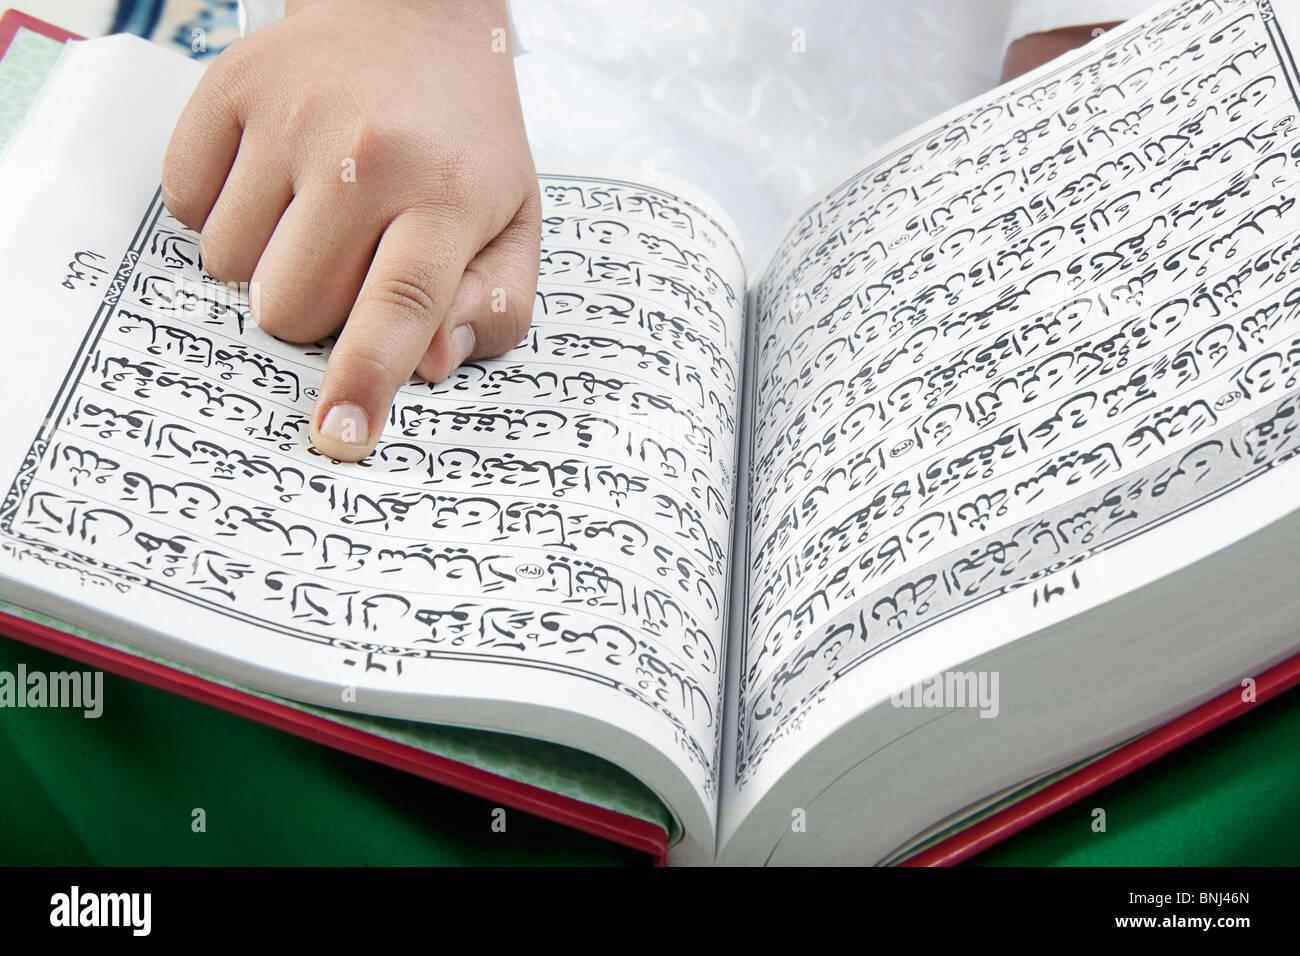 Muslim chico leyendo el Corán Imagen De Stock